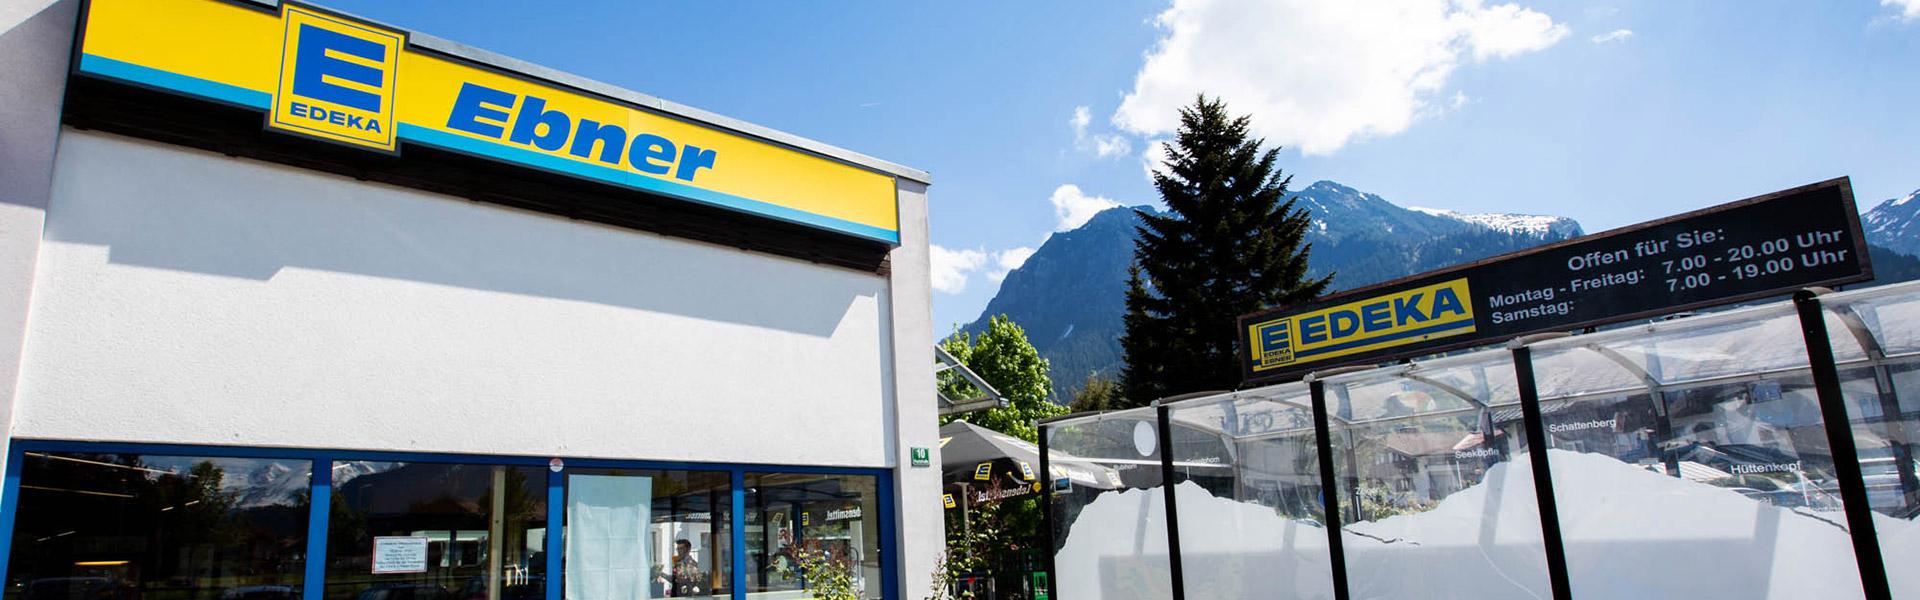 EDEKA Ebner Standort Oberstdorf Außenaufnahme